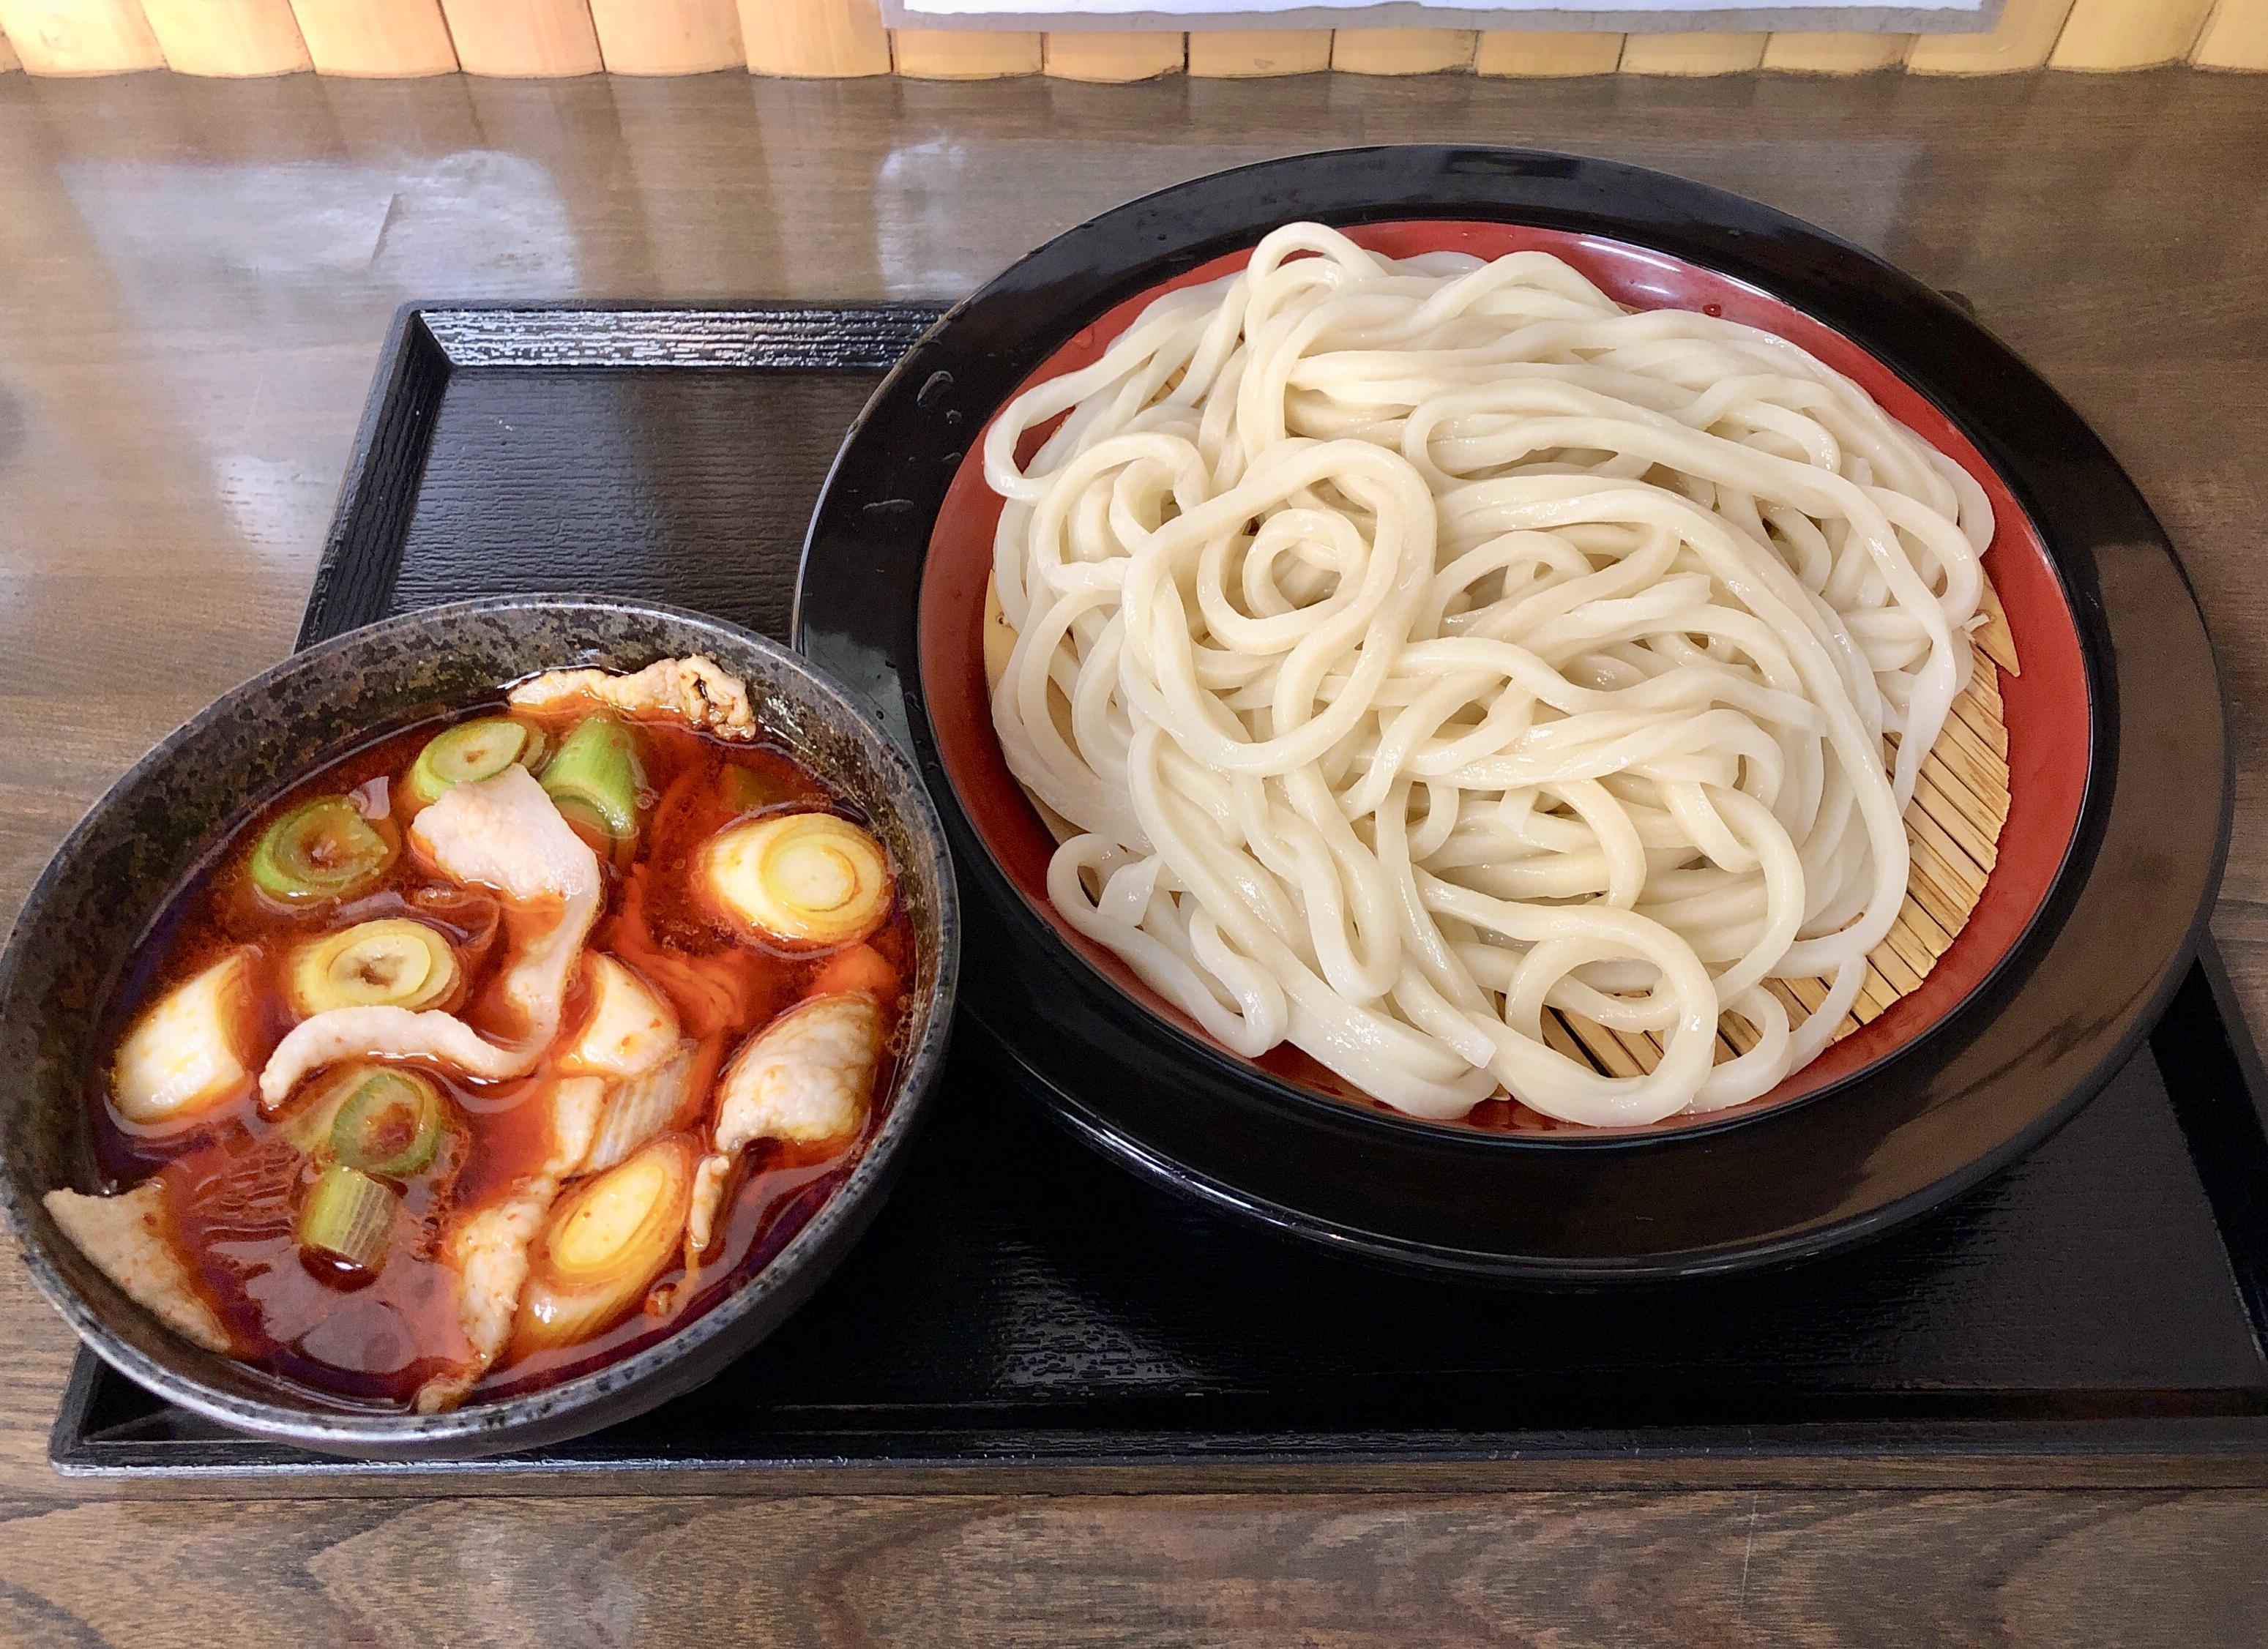 大宮市場・藤原|ランチ時に旨辛肉汁うどんを食べてみた。辛さは調節OK!